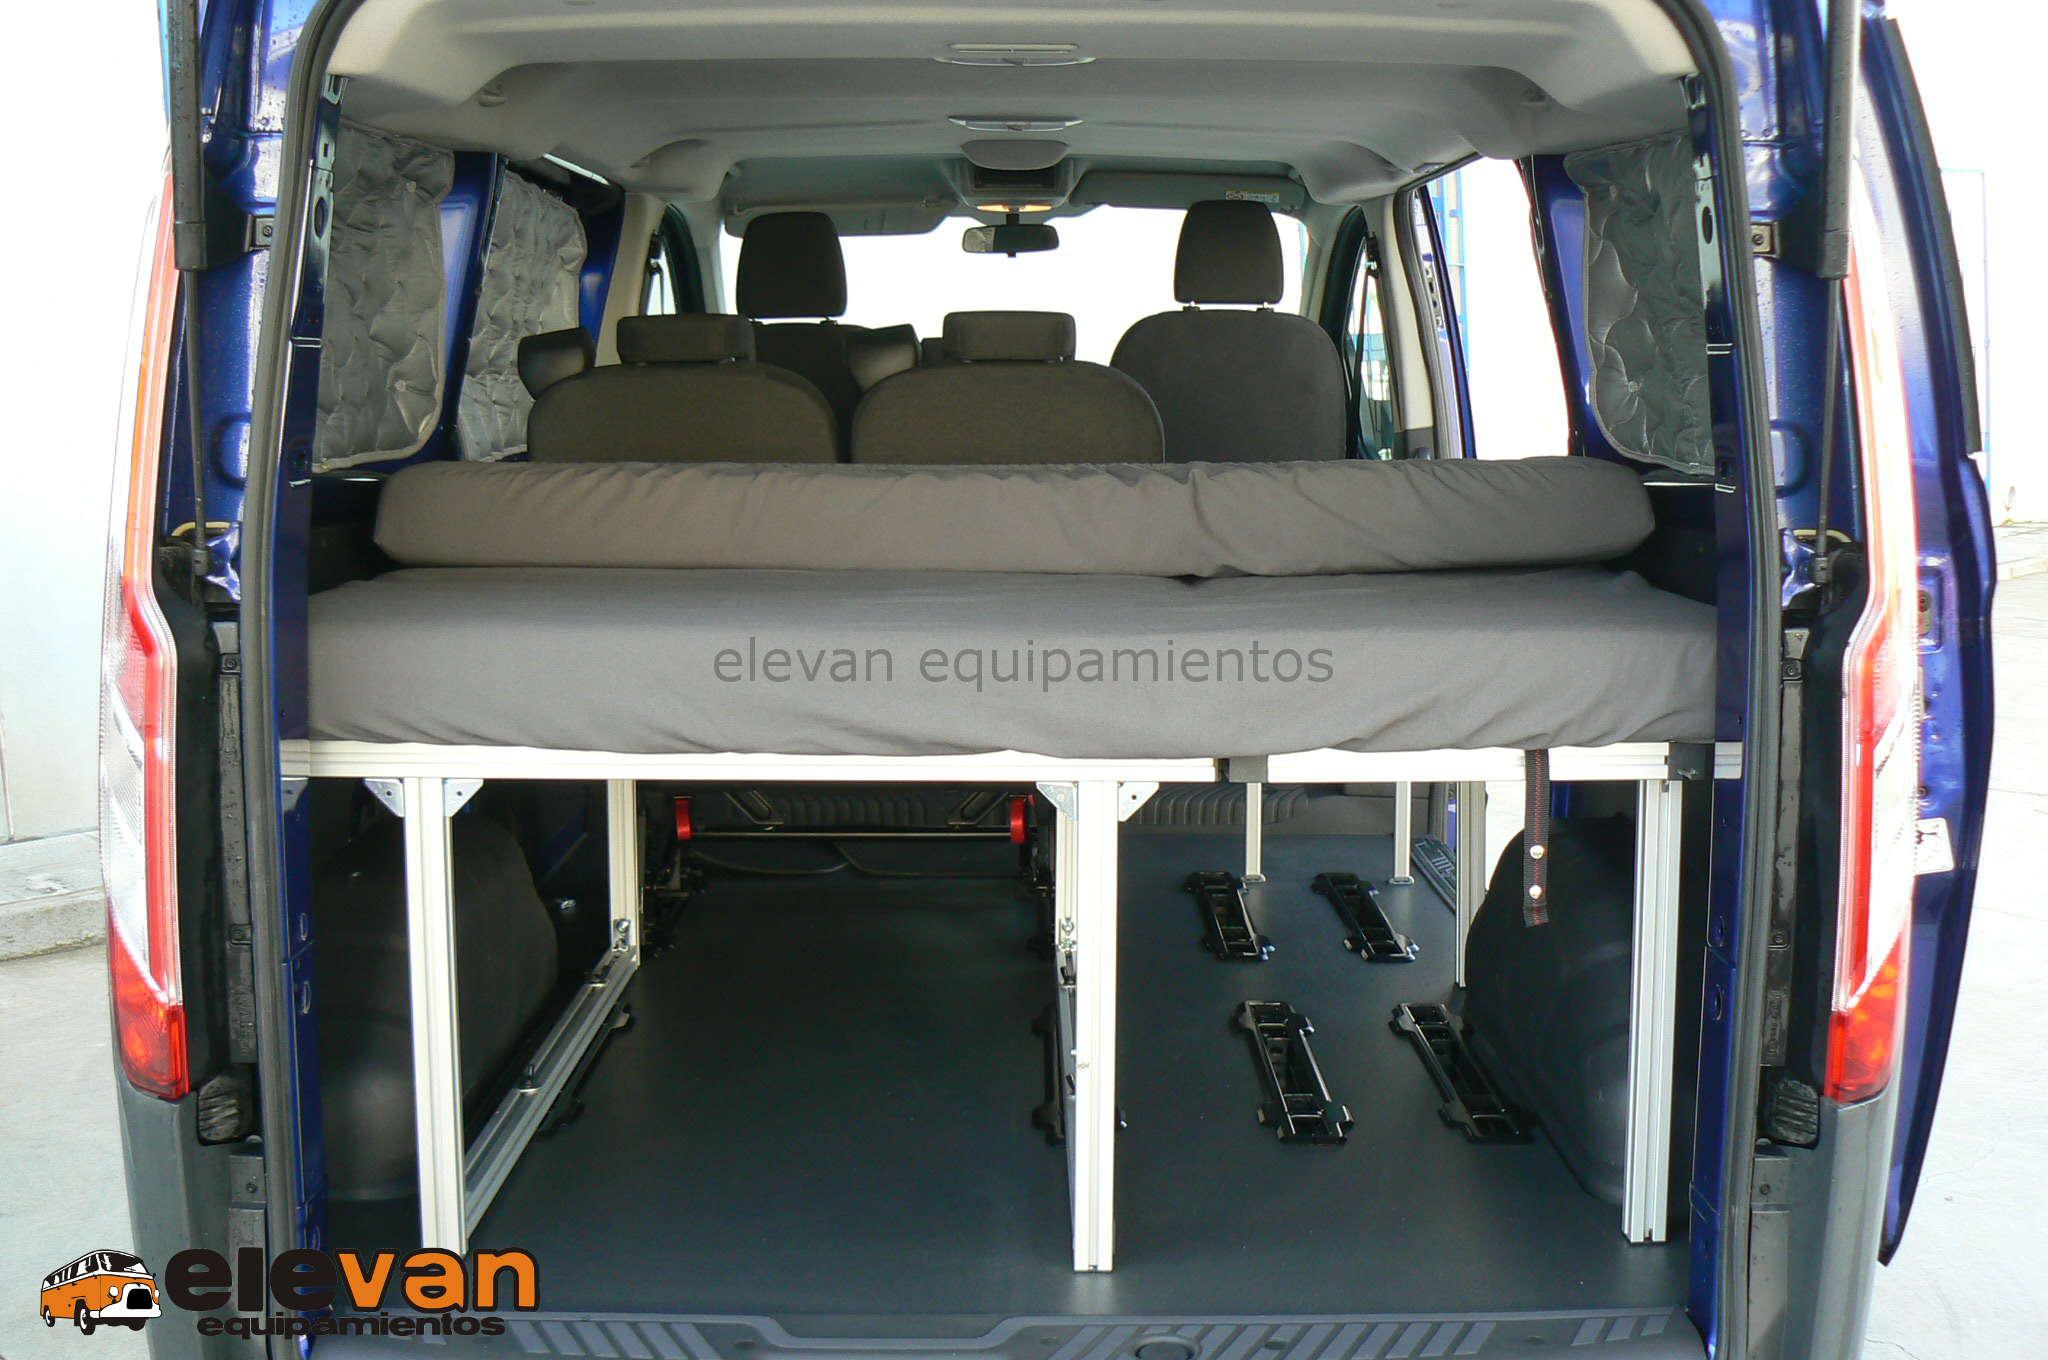 Indice De Manuales Catalogos Accesorios Y Software Elevan  # Muebles Para Peugeot Boxer